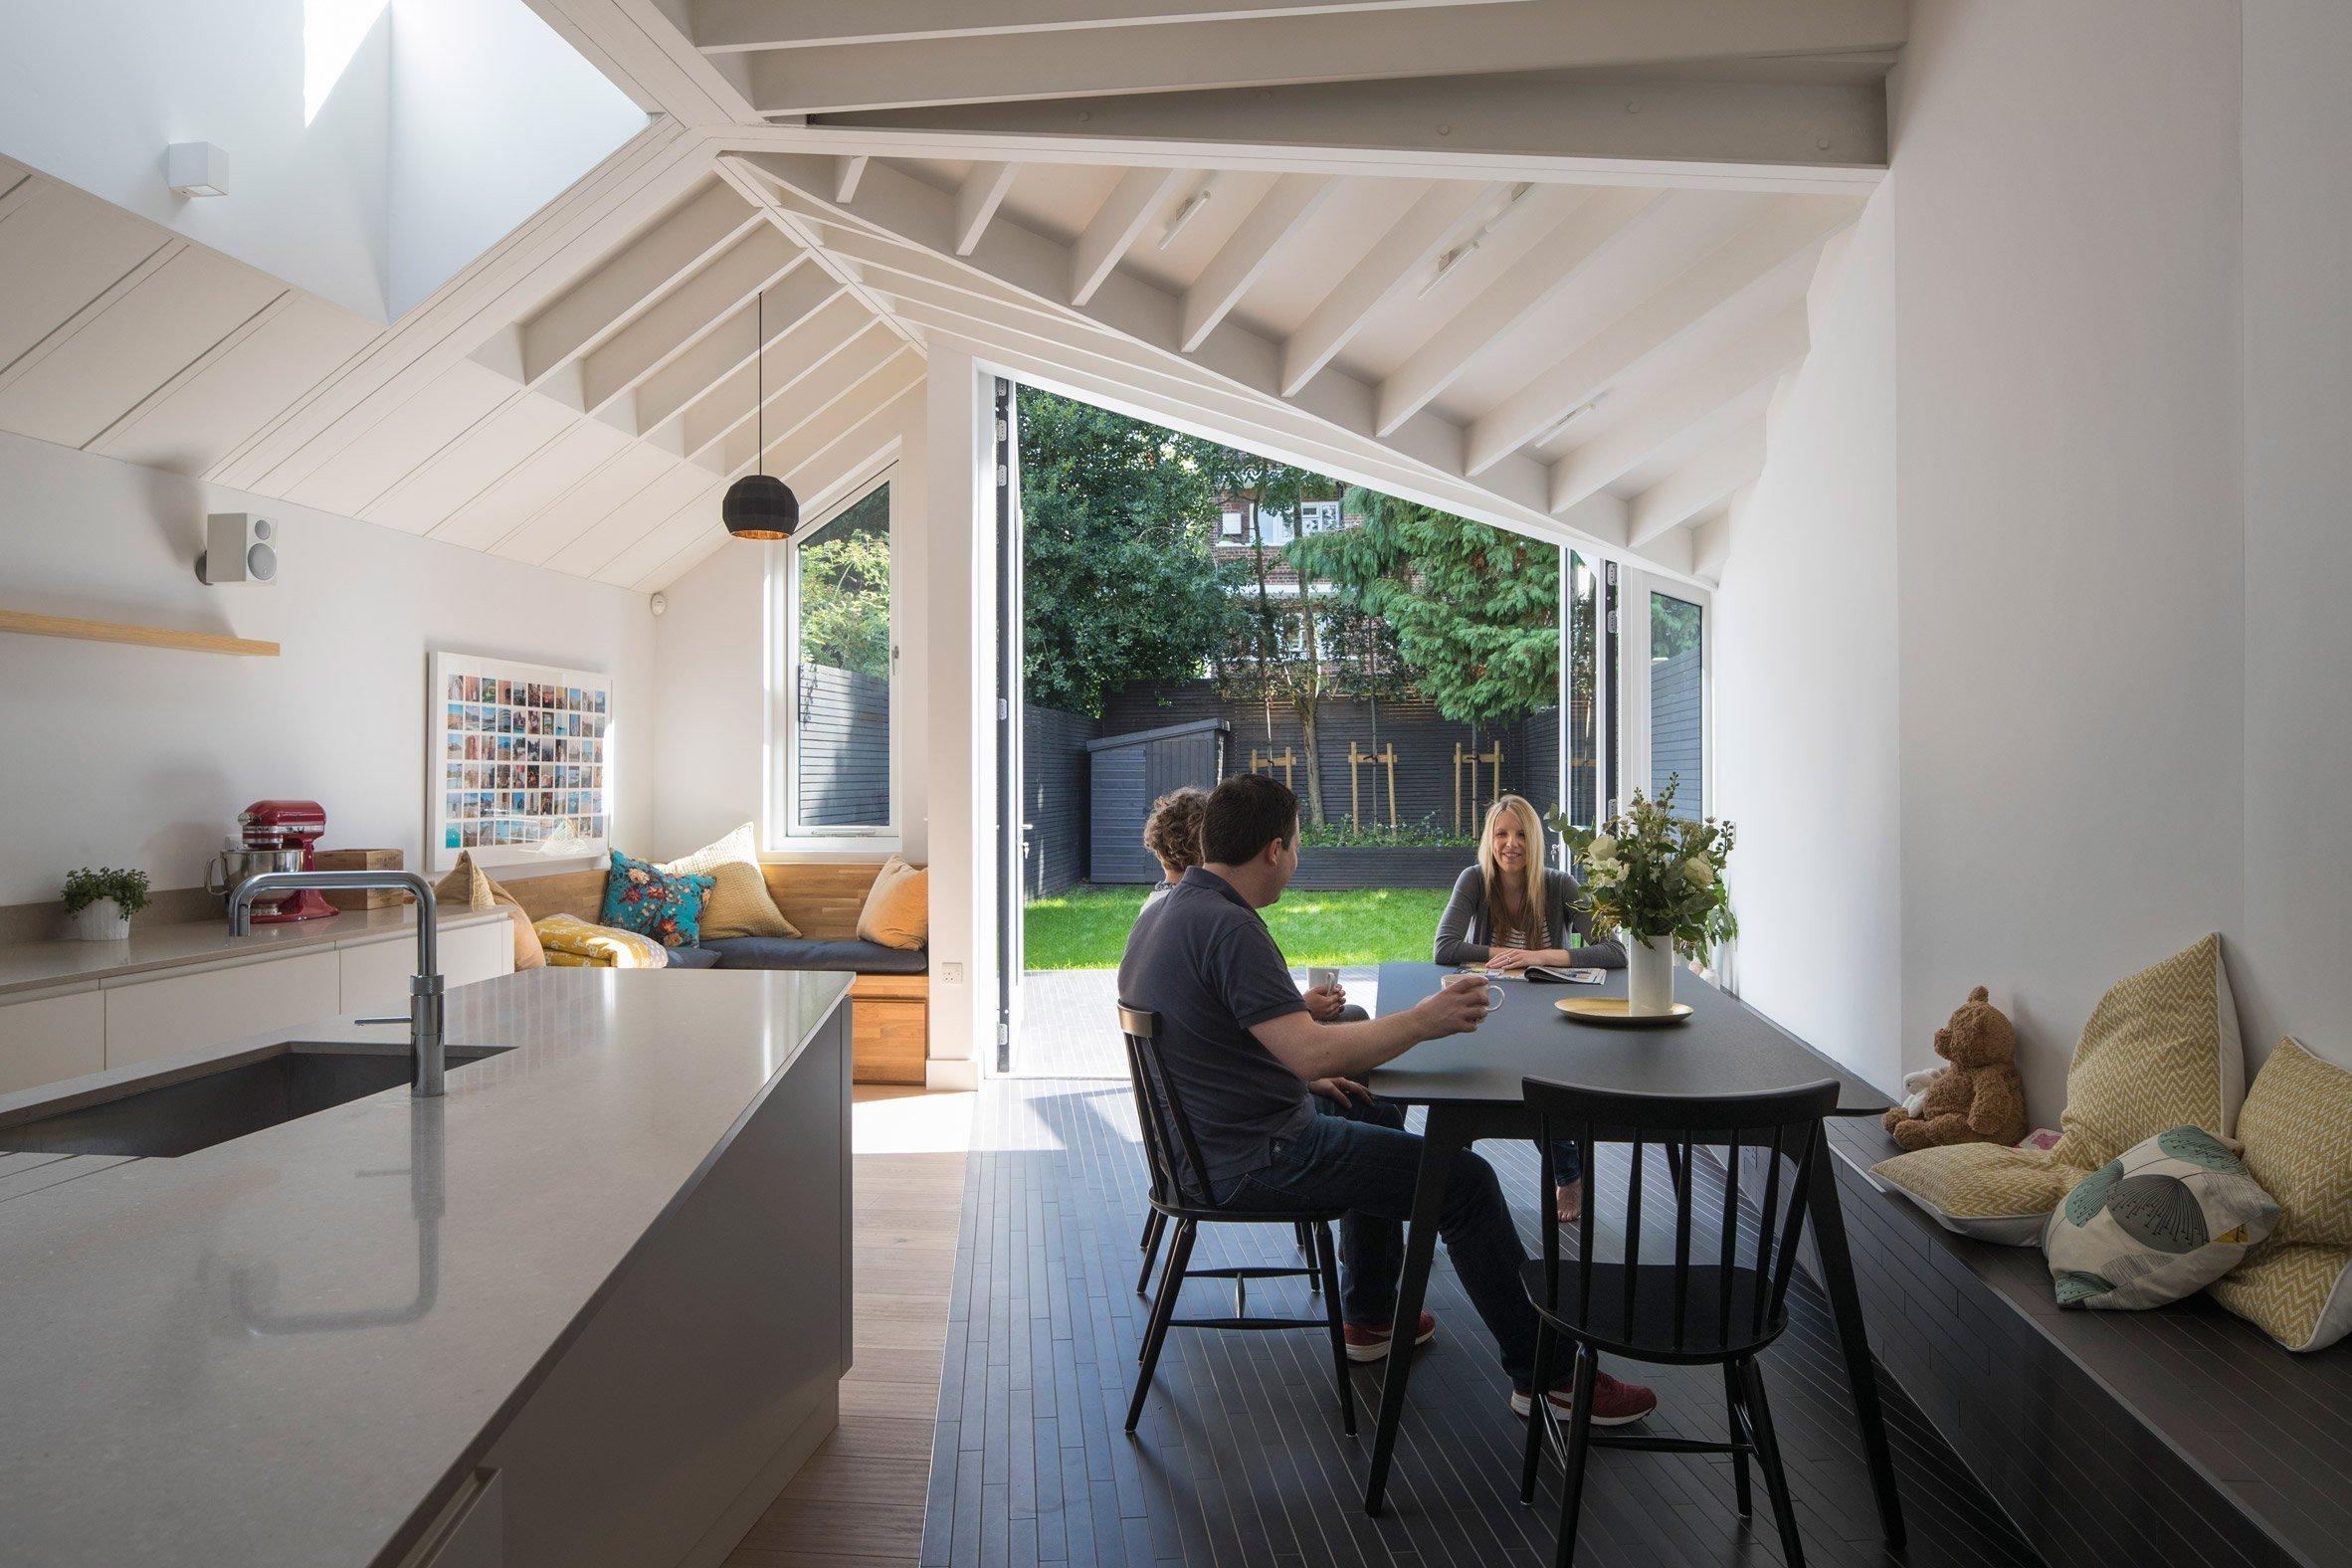 Kdybychom se na tento dům stojící v Londýně podívali dříve, spatřili bychom typický dům edvardovského stylu, který představoval stísněné prostory, ke všemu neprakticky dispozičně rozložené. Nový majitelé se s tím, ale nechtěli smířit, proto požádali architektonické studio Mustard Architects, aby celou nemovitost nejen zrekonstruovali, ale také rozšířili a zajistili lepší napojení domu na zahradu. Jak se jim to povedlo?